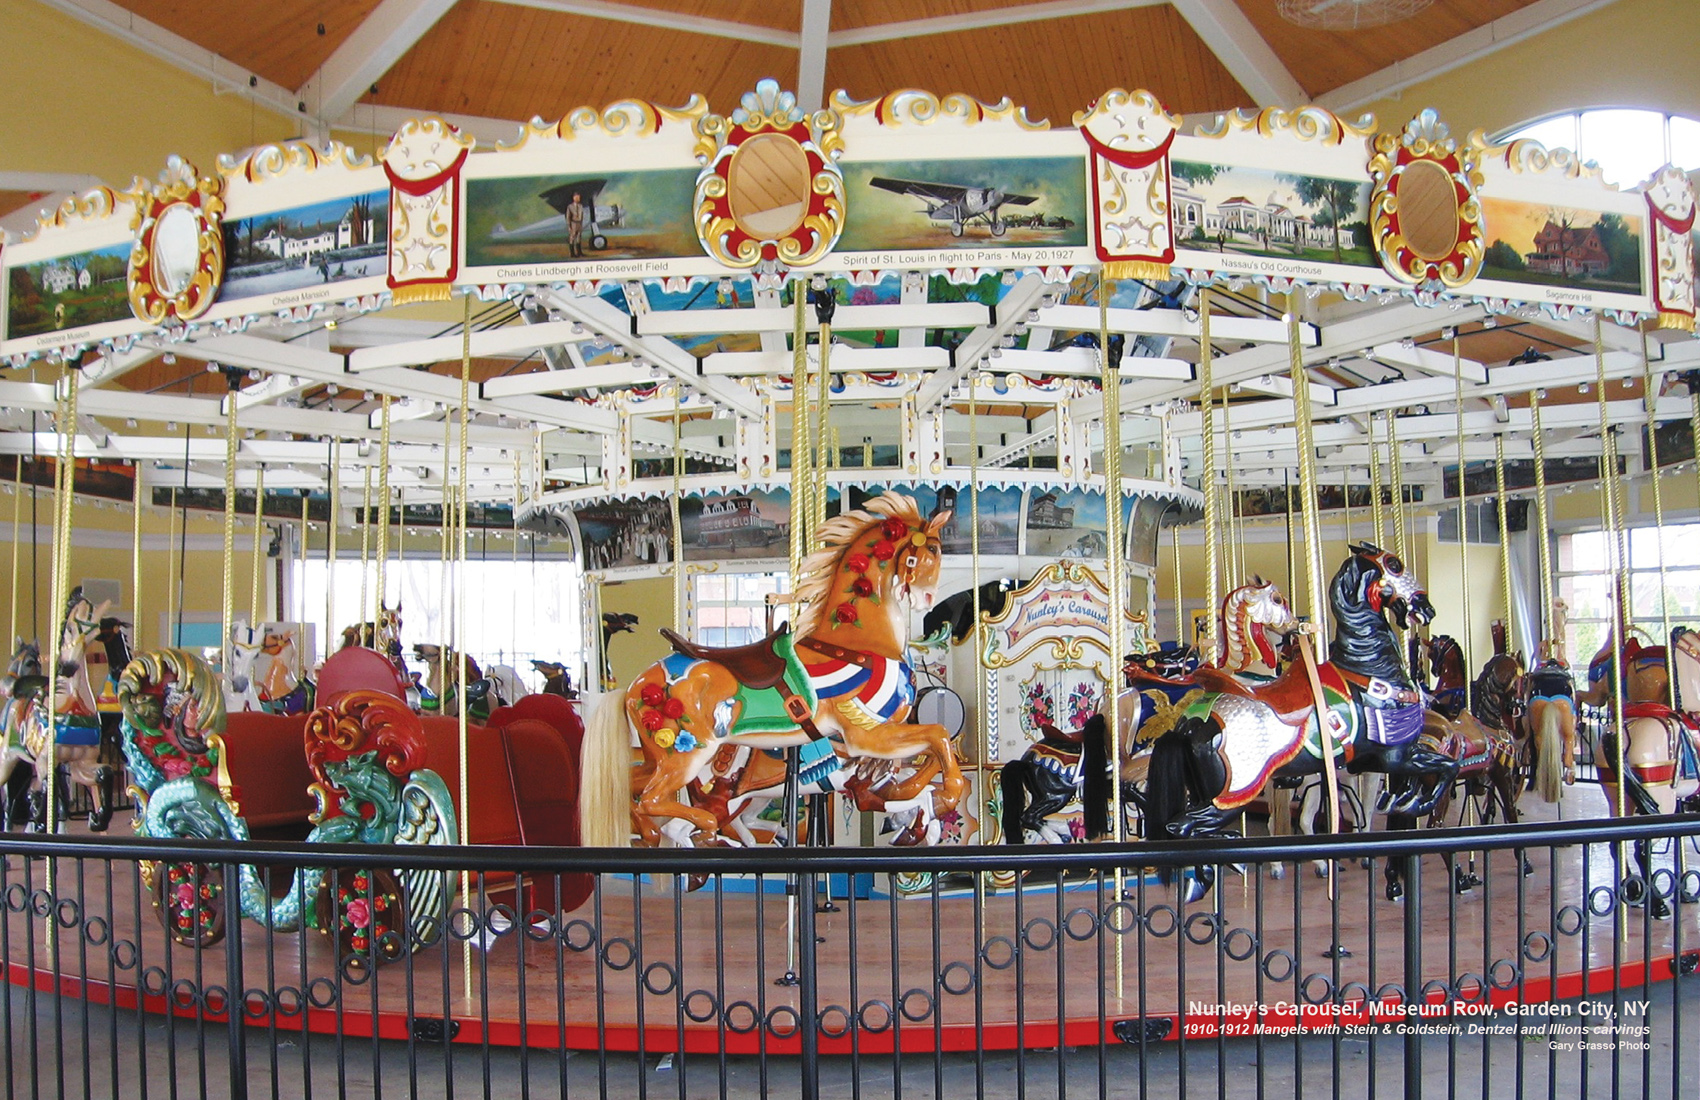 Historic-Nunleys-carousel-Garden-City-NY-CNT-center-JUN-09